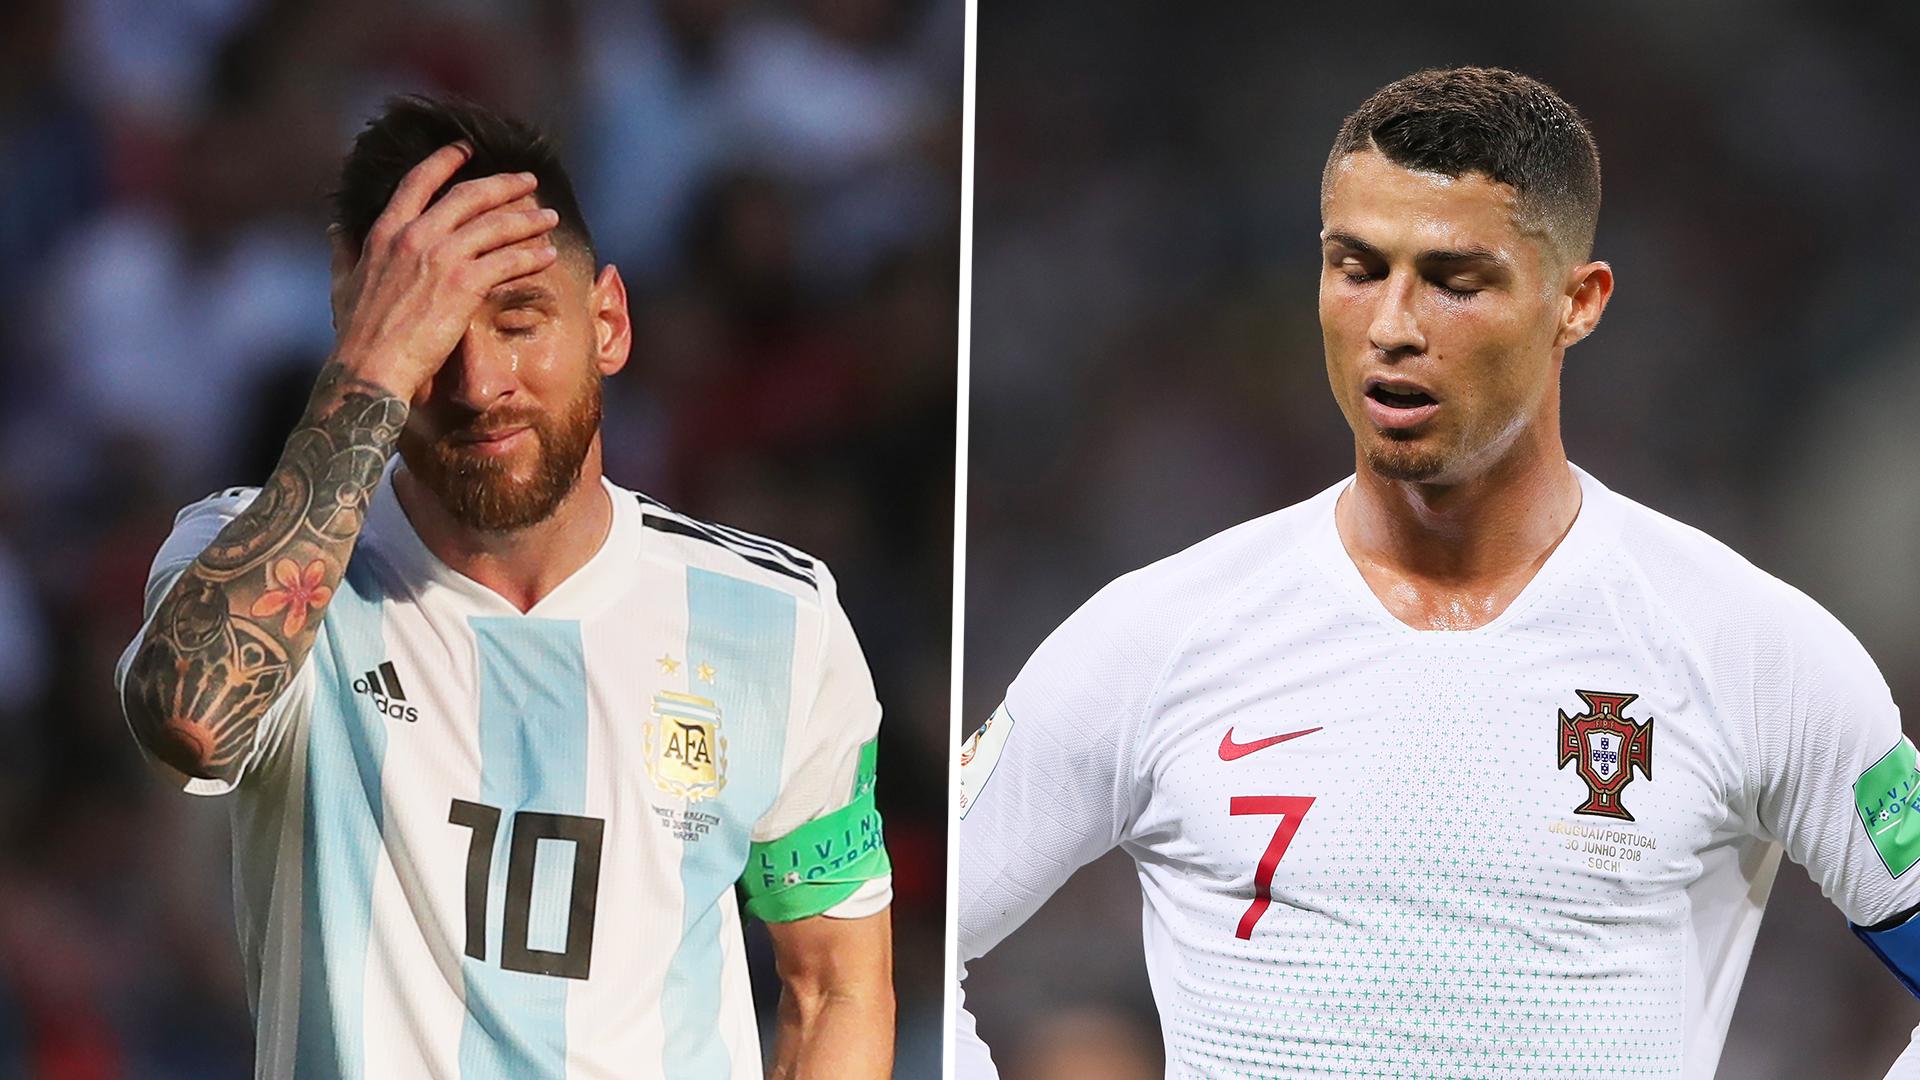 Lionel Messi, Cristiano Ronaldo split